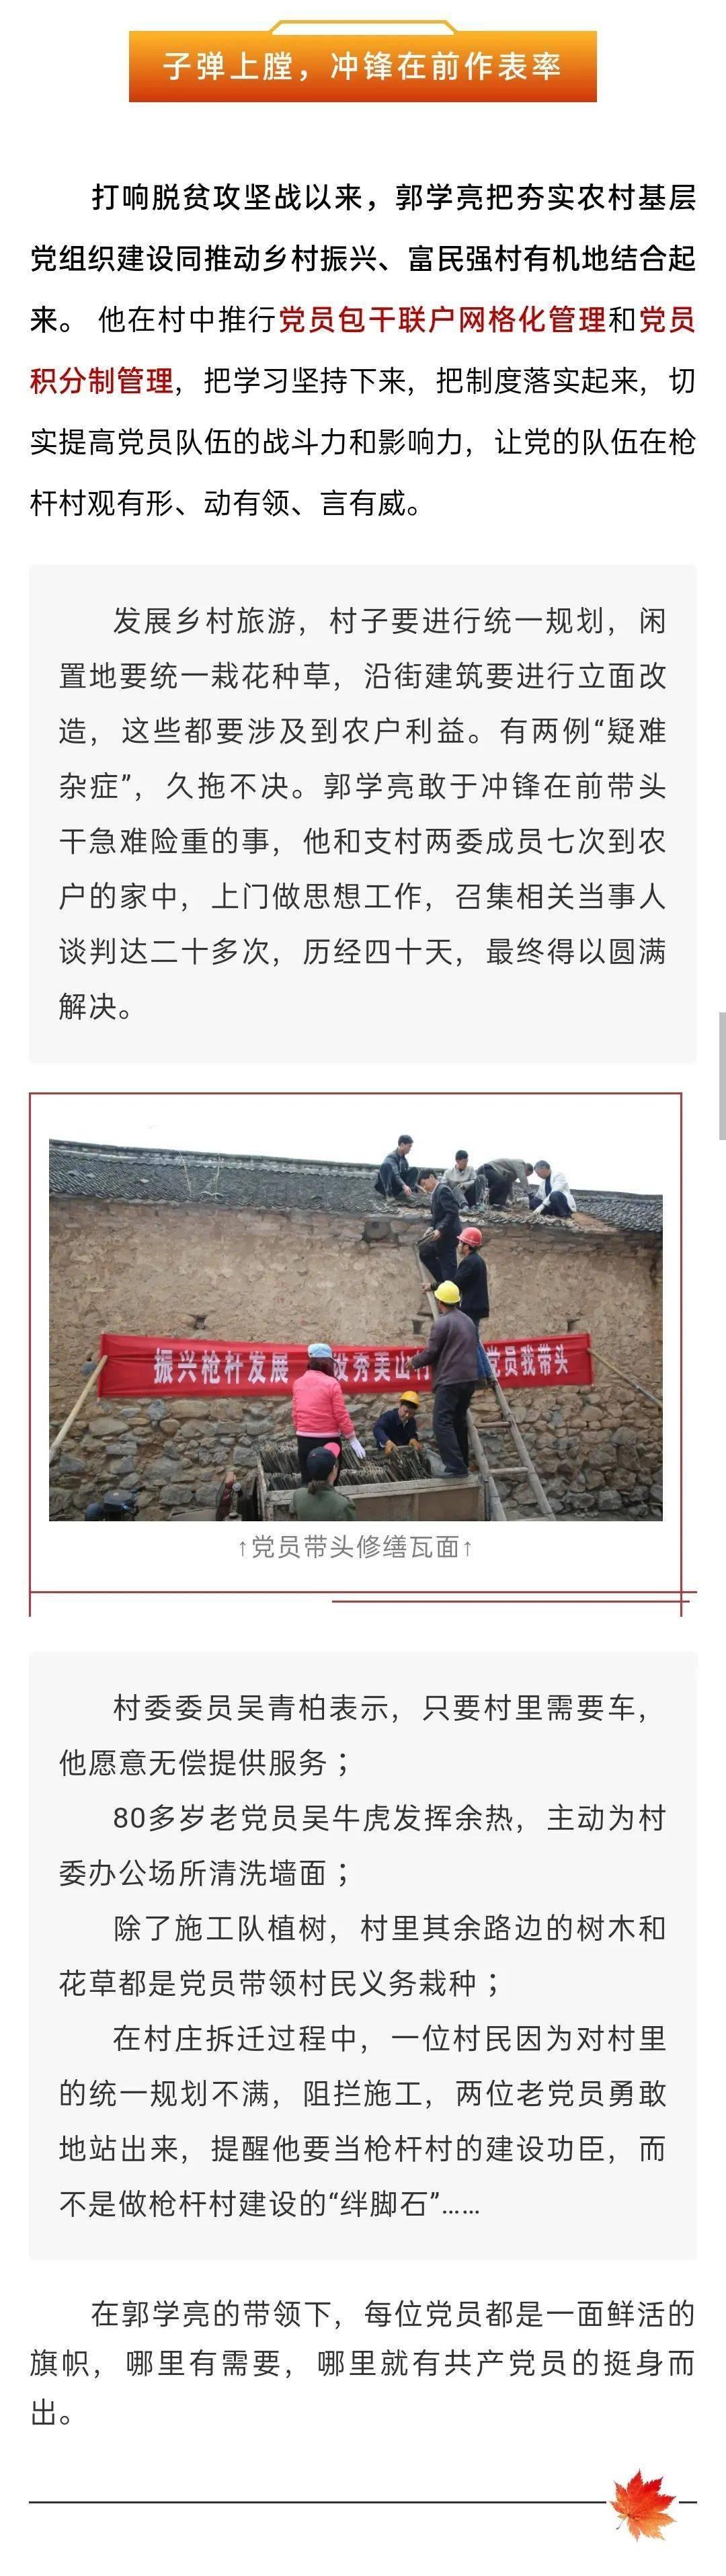 """【讲扶贫故事】郭学亮:端起""""枪杆""""向贫困开战  第3张"""